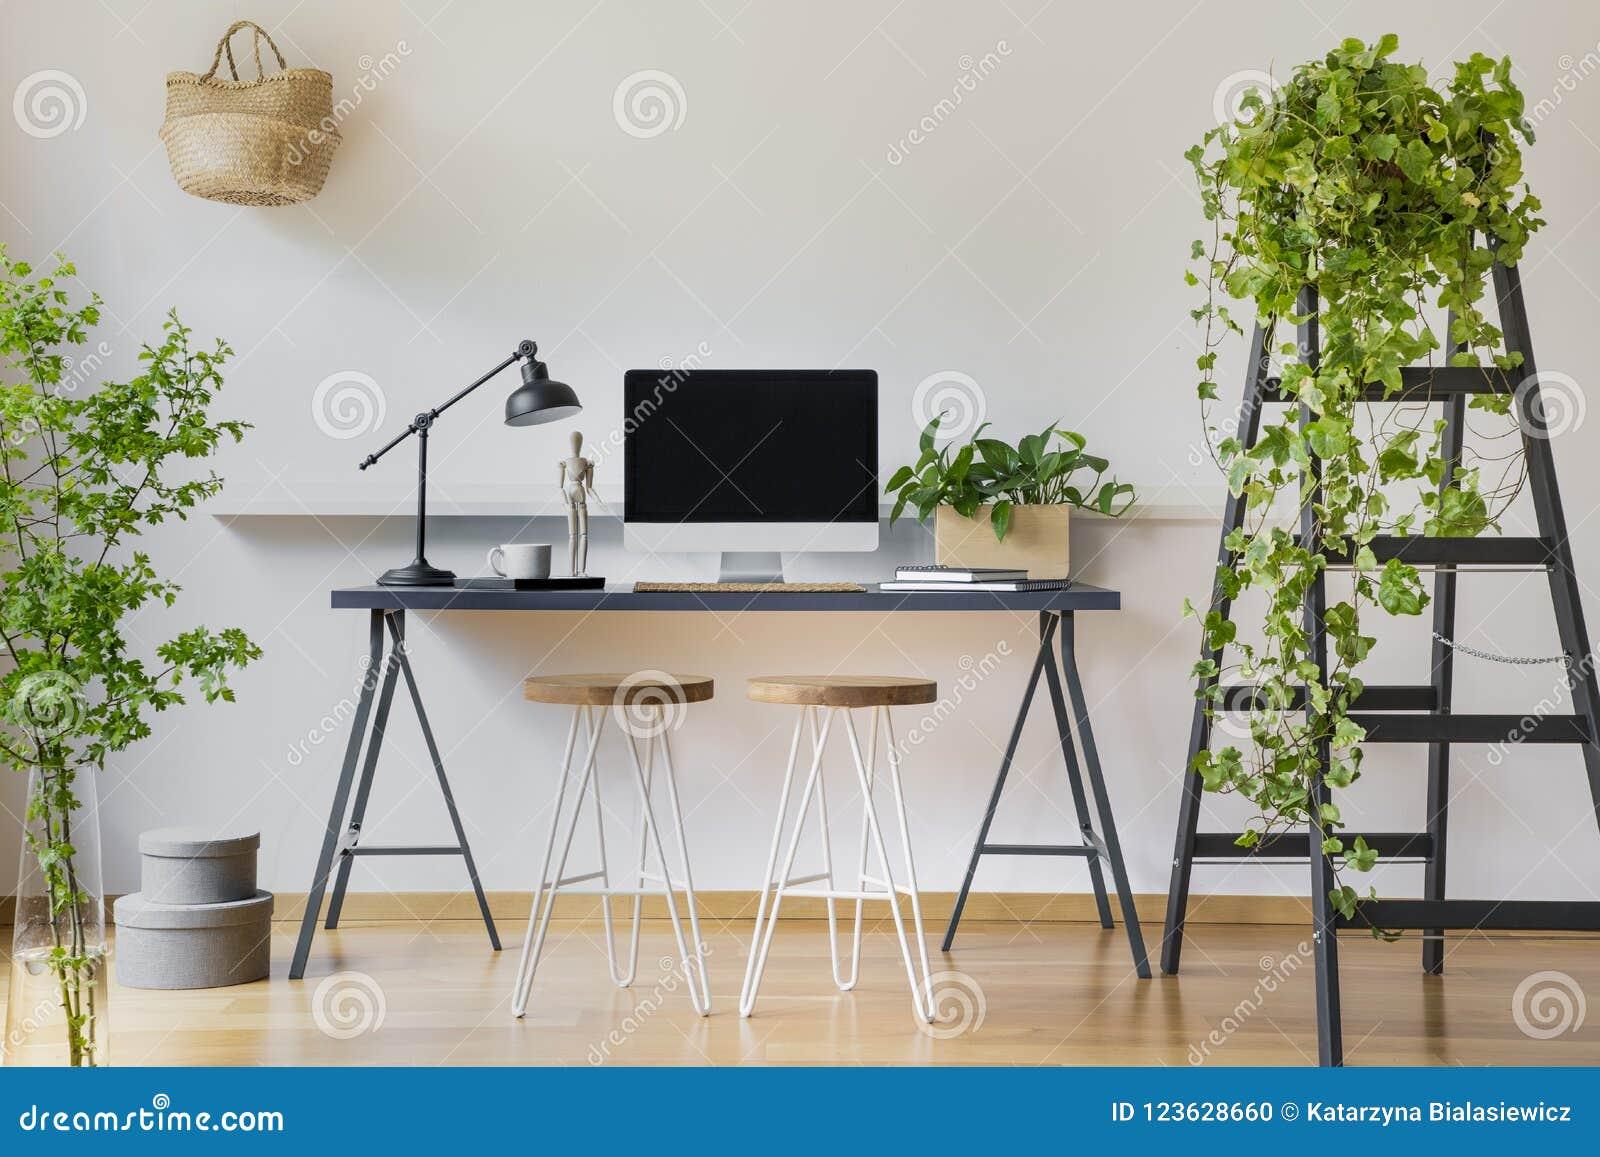 Edera Pianta Da Interno pianta dell'edera su una scala di legno in un interno